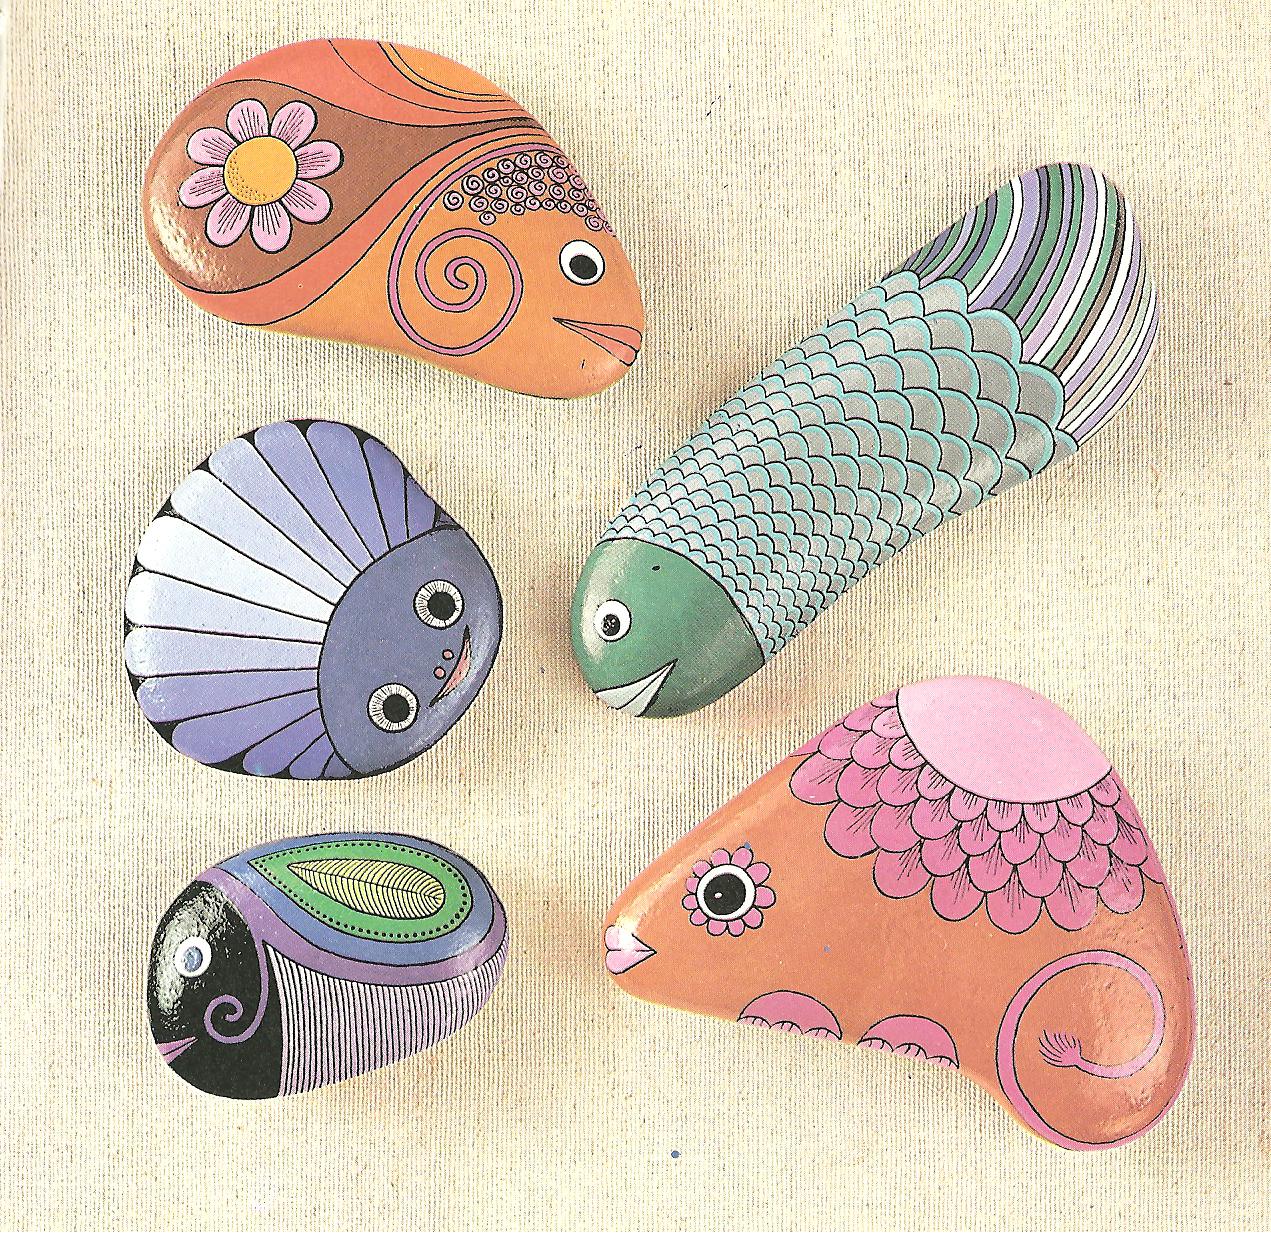 Los ingredientes de la vida pintar piedras - Pintura para piedras ...